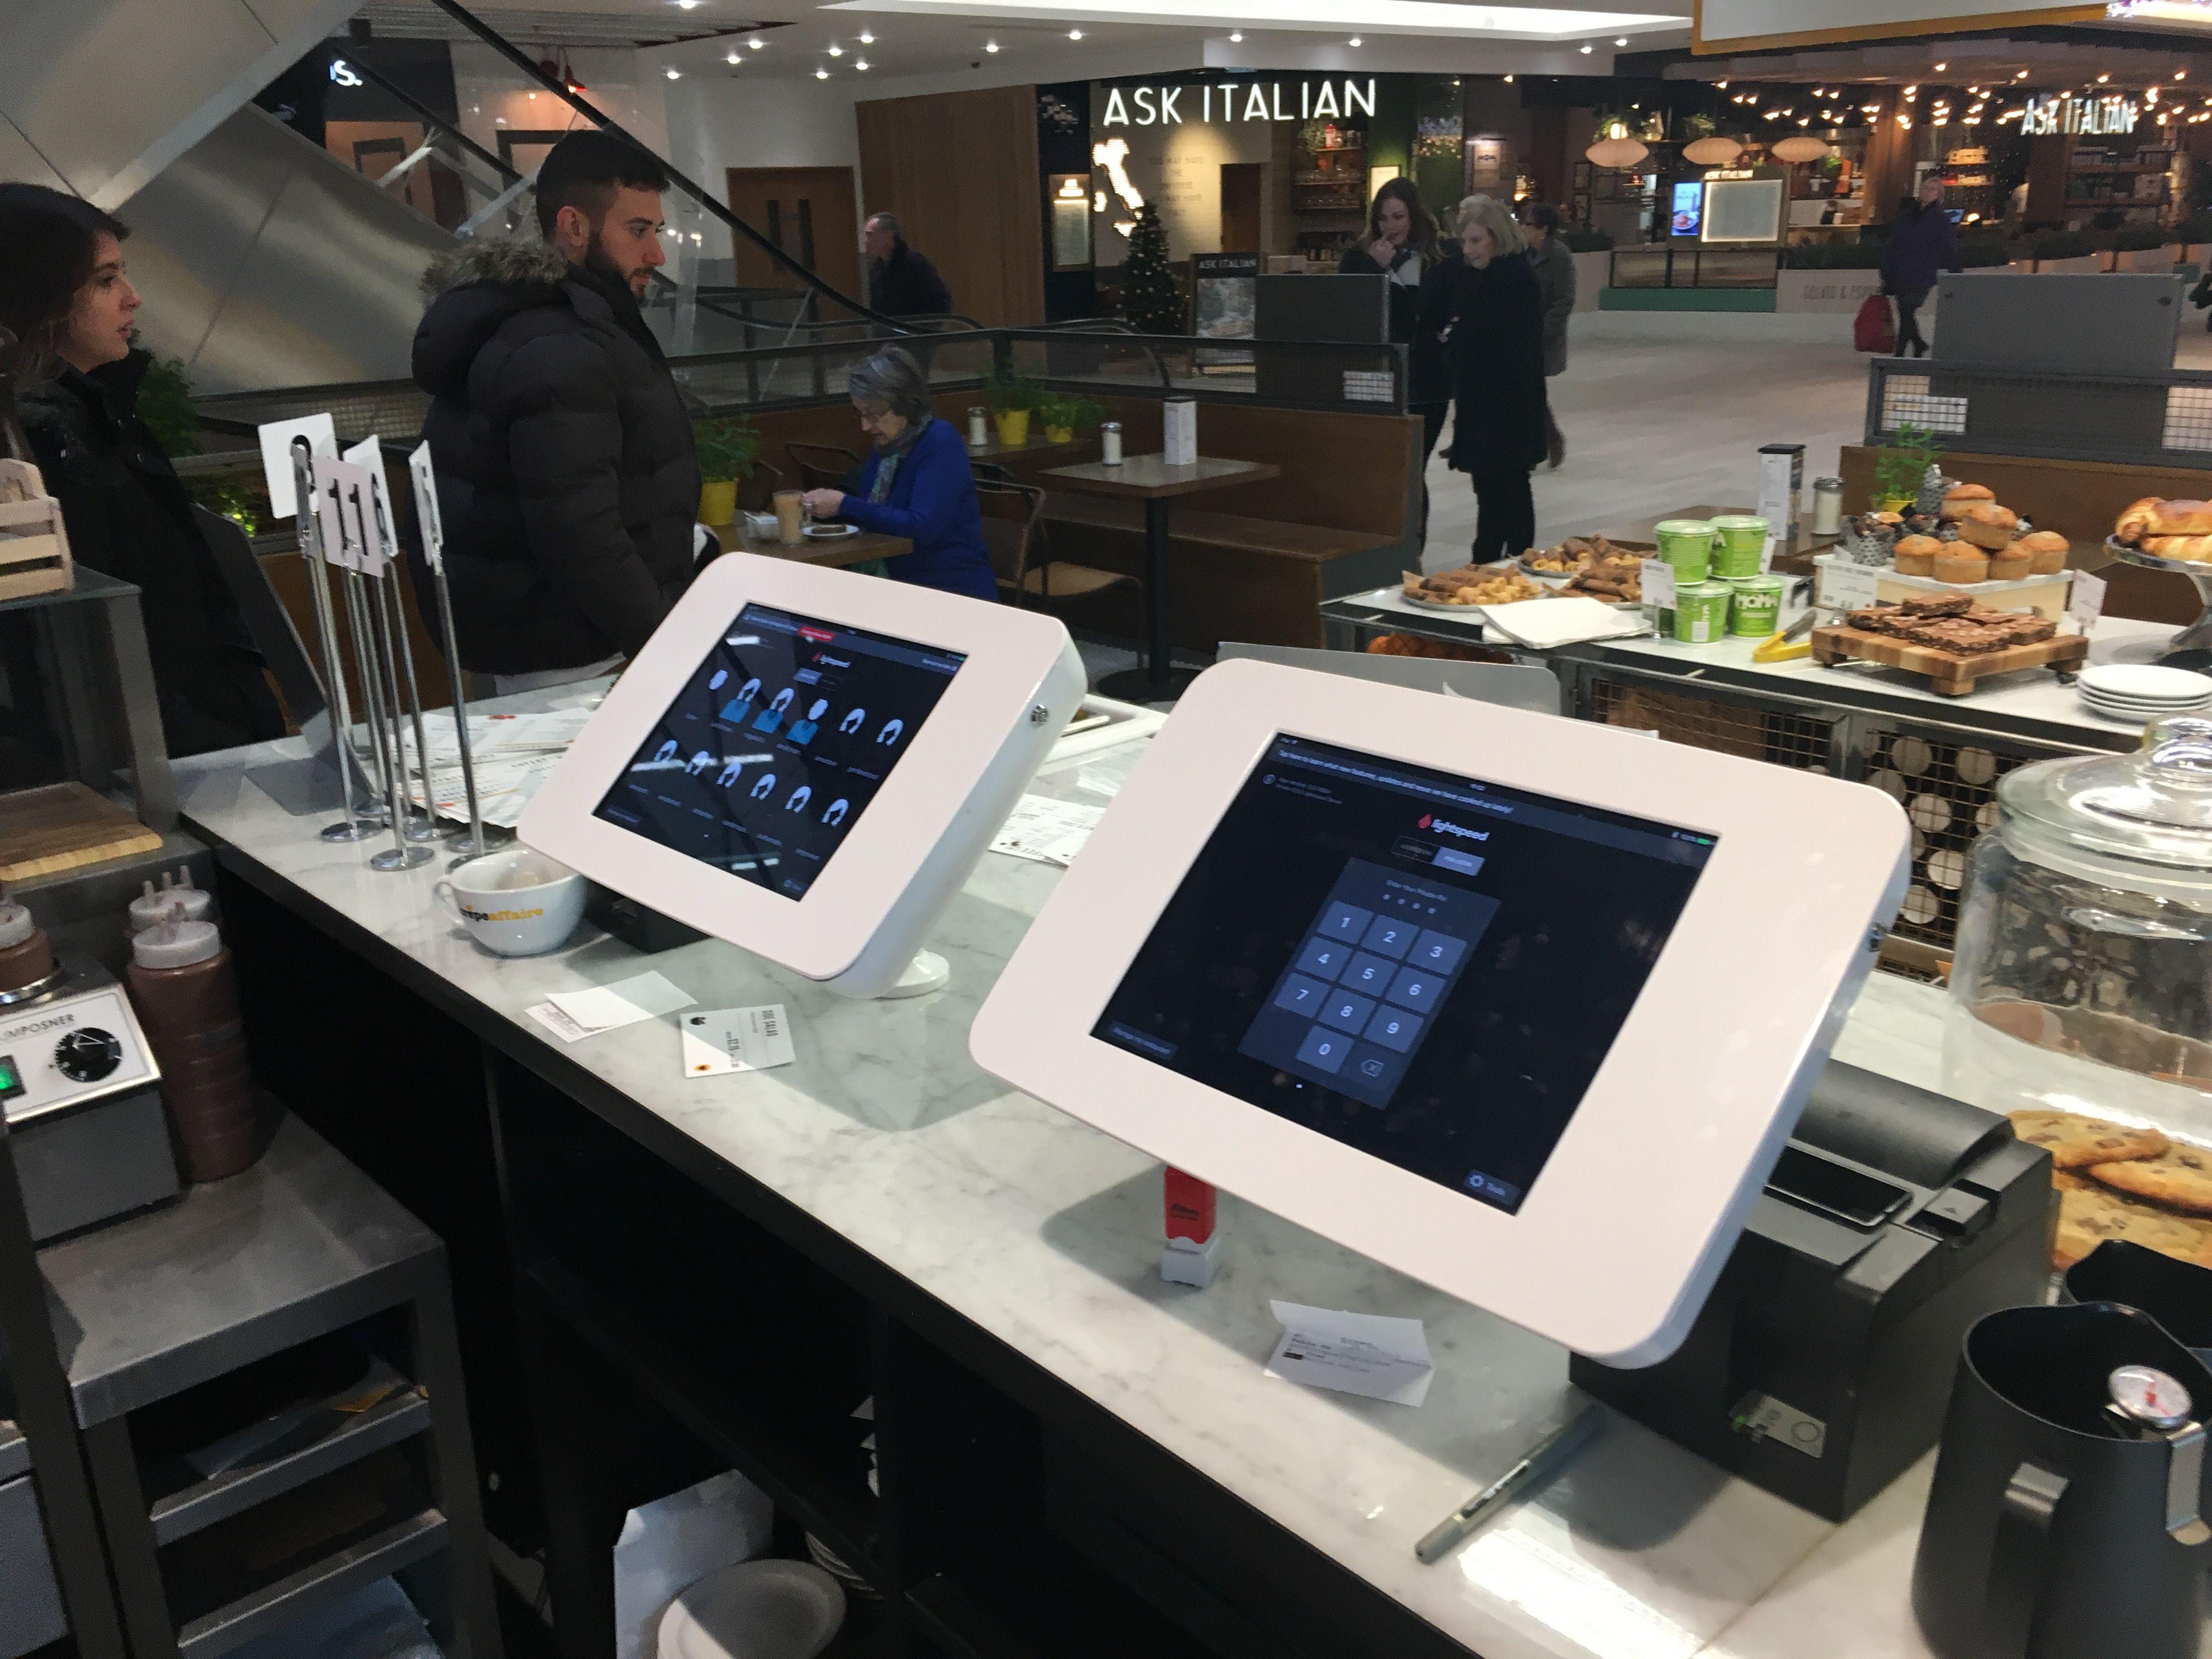 No Restaurant Too Big, Nor Café Too Small Food tech